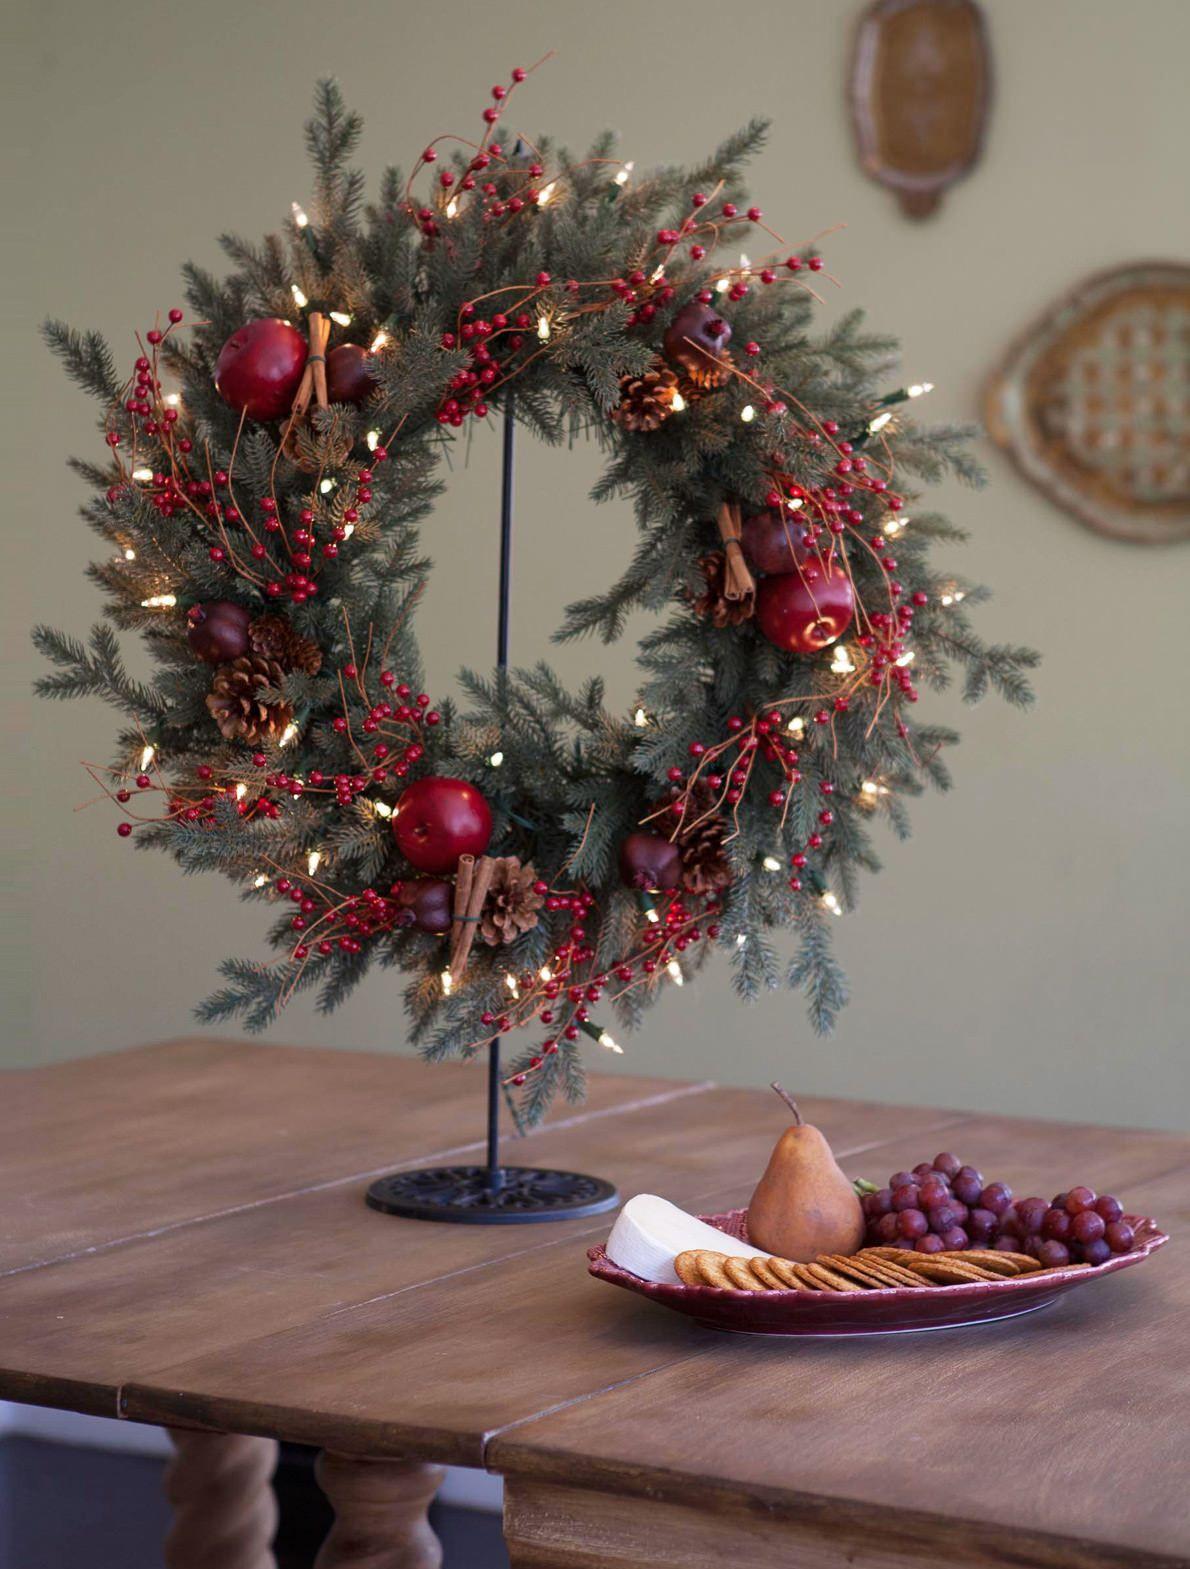 49++ Balsam hill christmas wreaths info